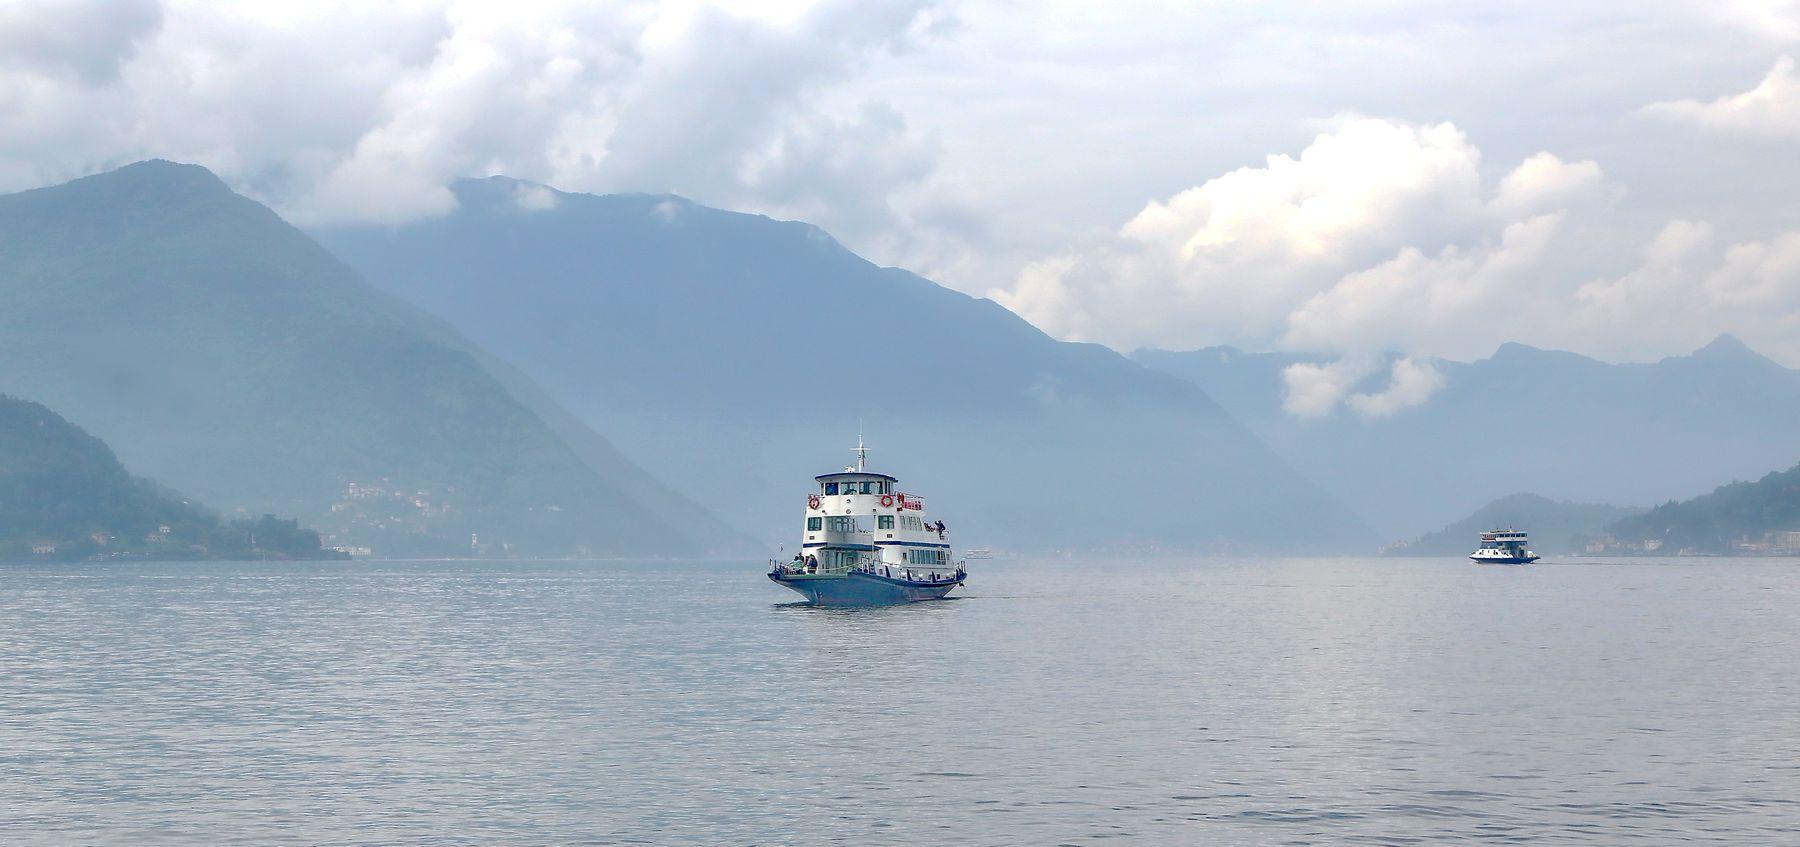 ***  однажды в утро туманное... озеро кораблик туман утро пейзаж